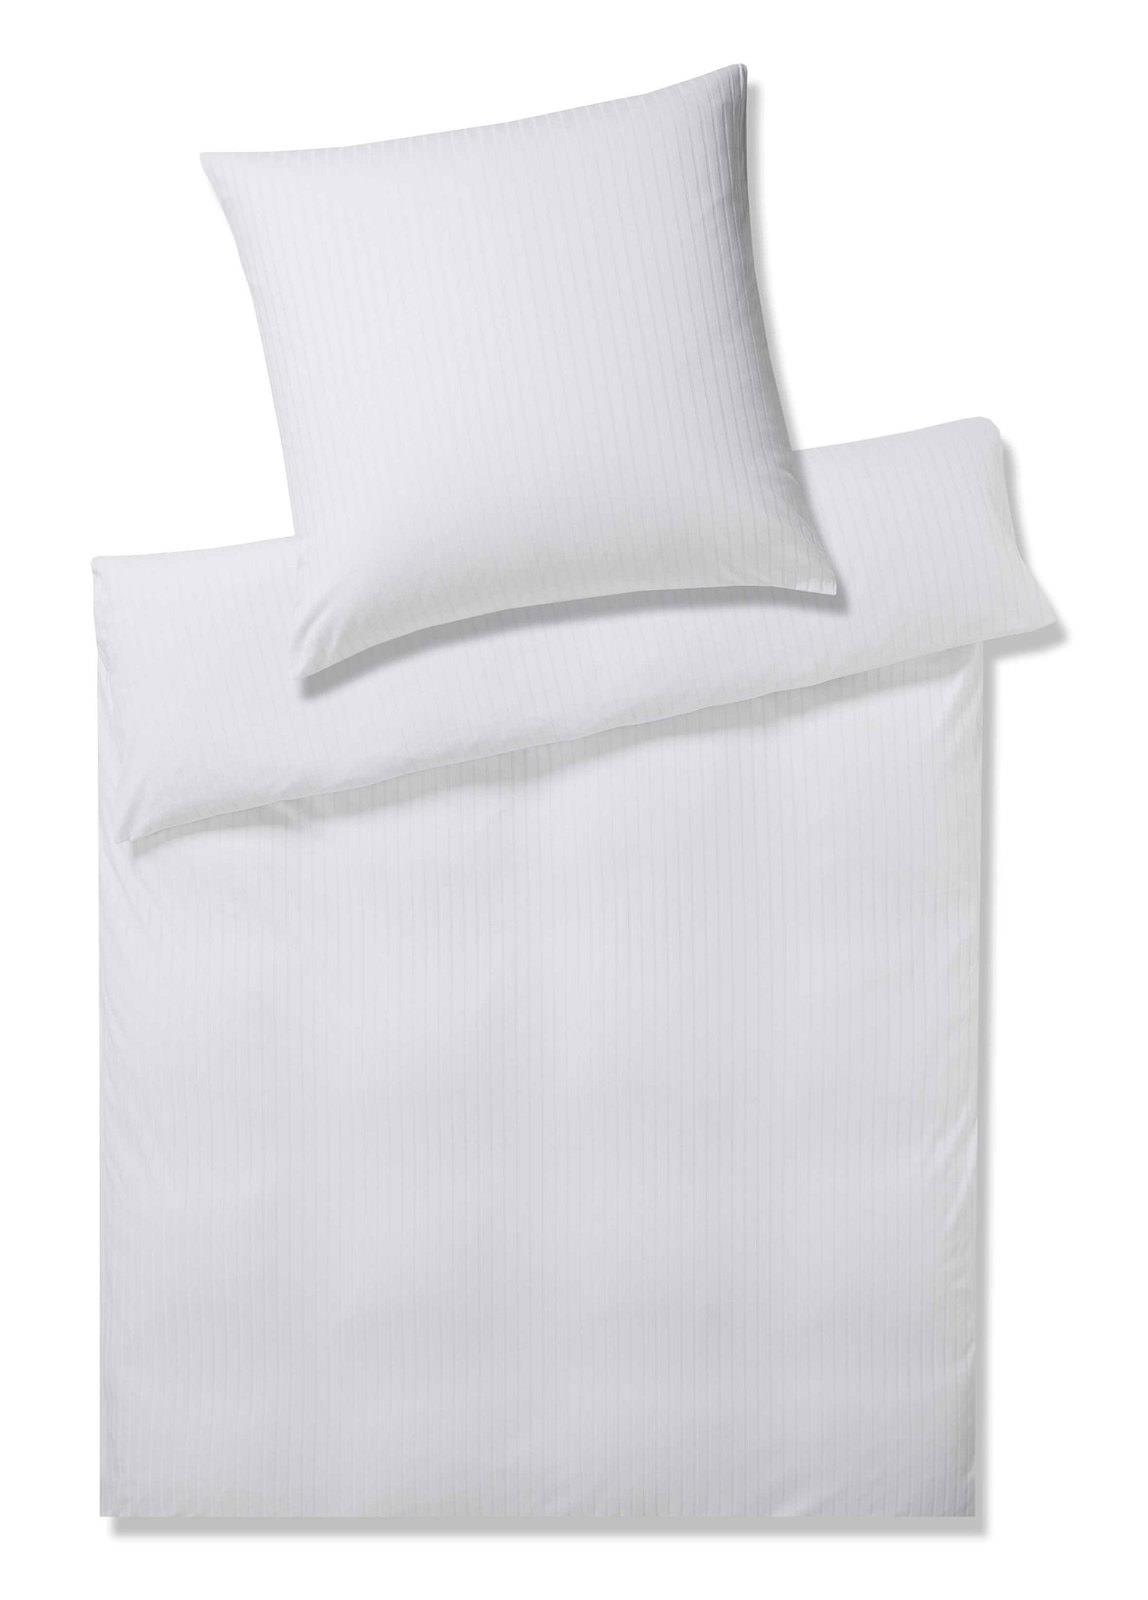 Elegante Mako Jersey Bettwäsche Weiß Online Entdecken Schaffrath